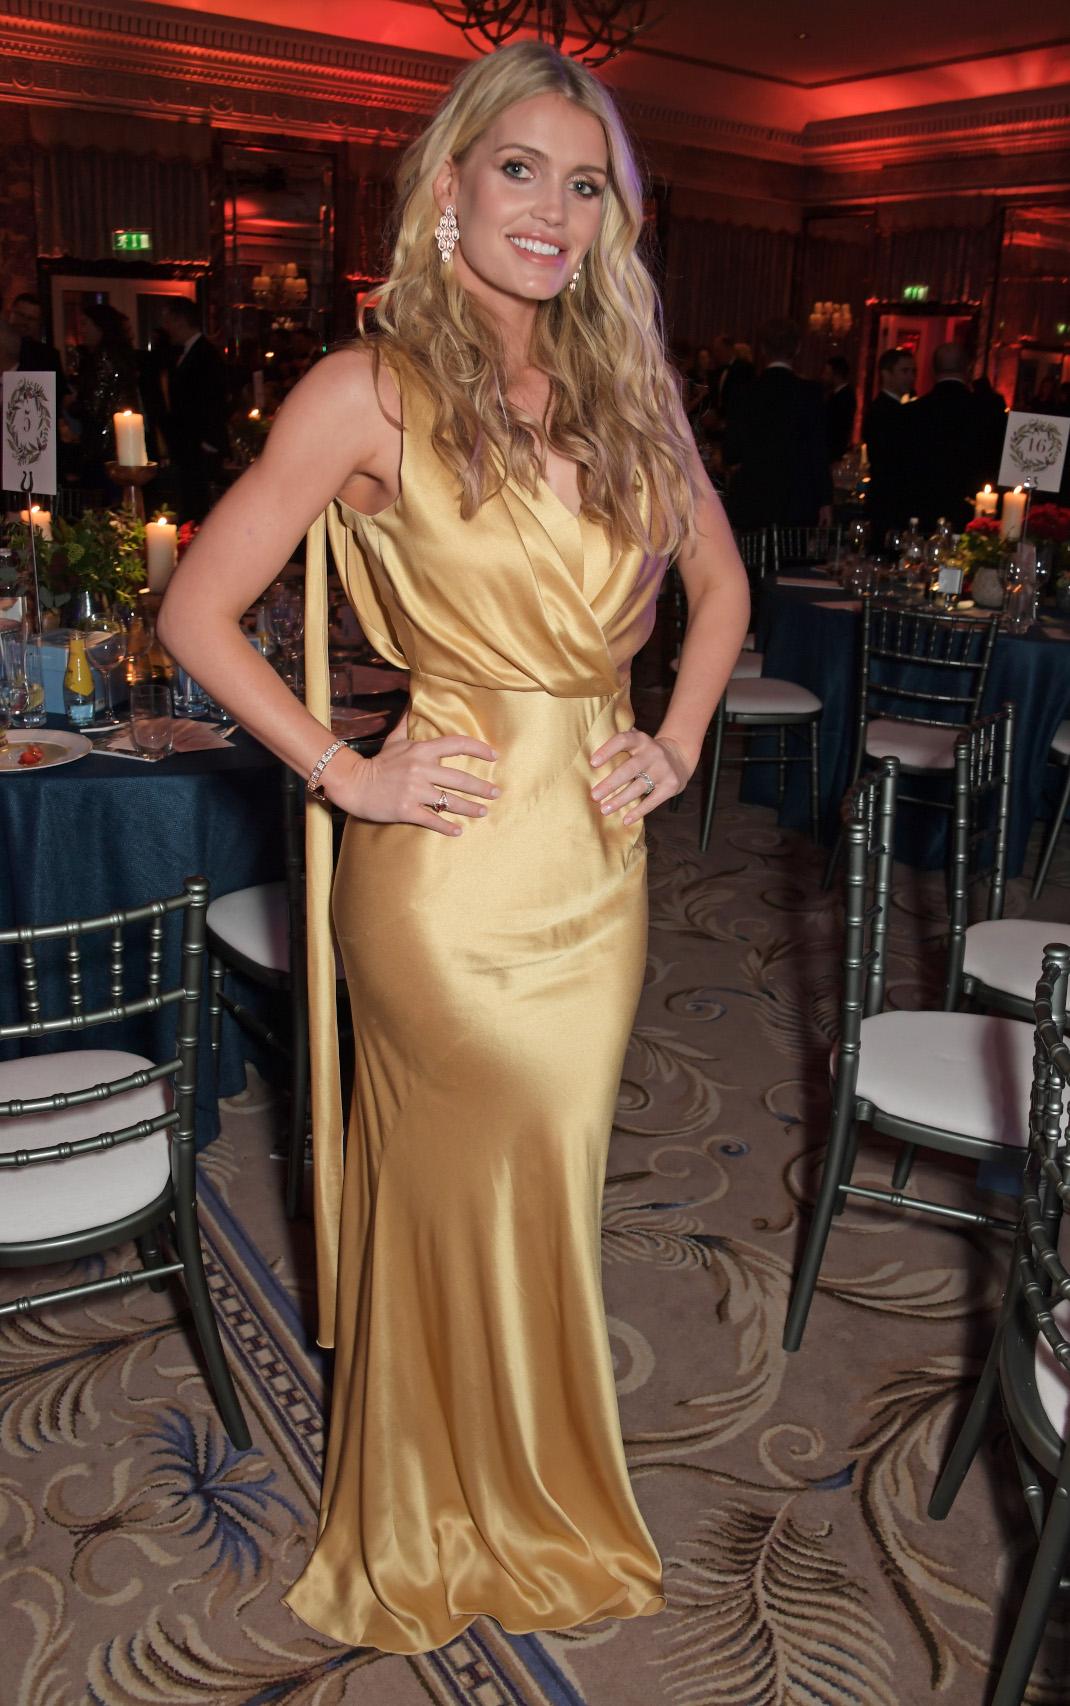 Η Λαίδη Κίττυ Σπένσερ με χρυσό φόρεμα χαμογελά